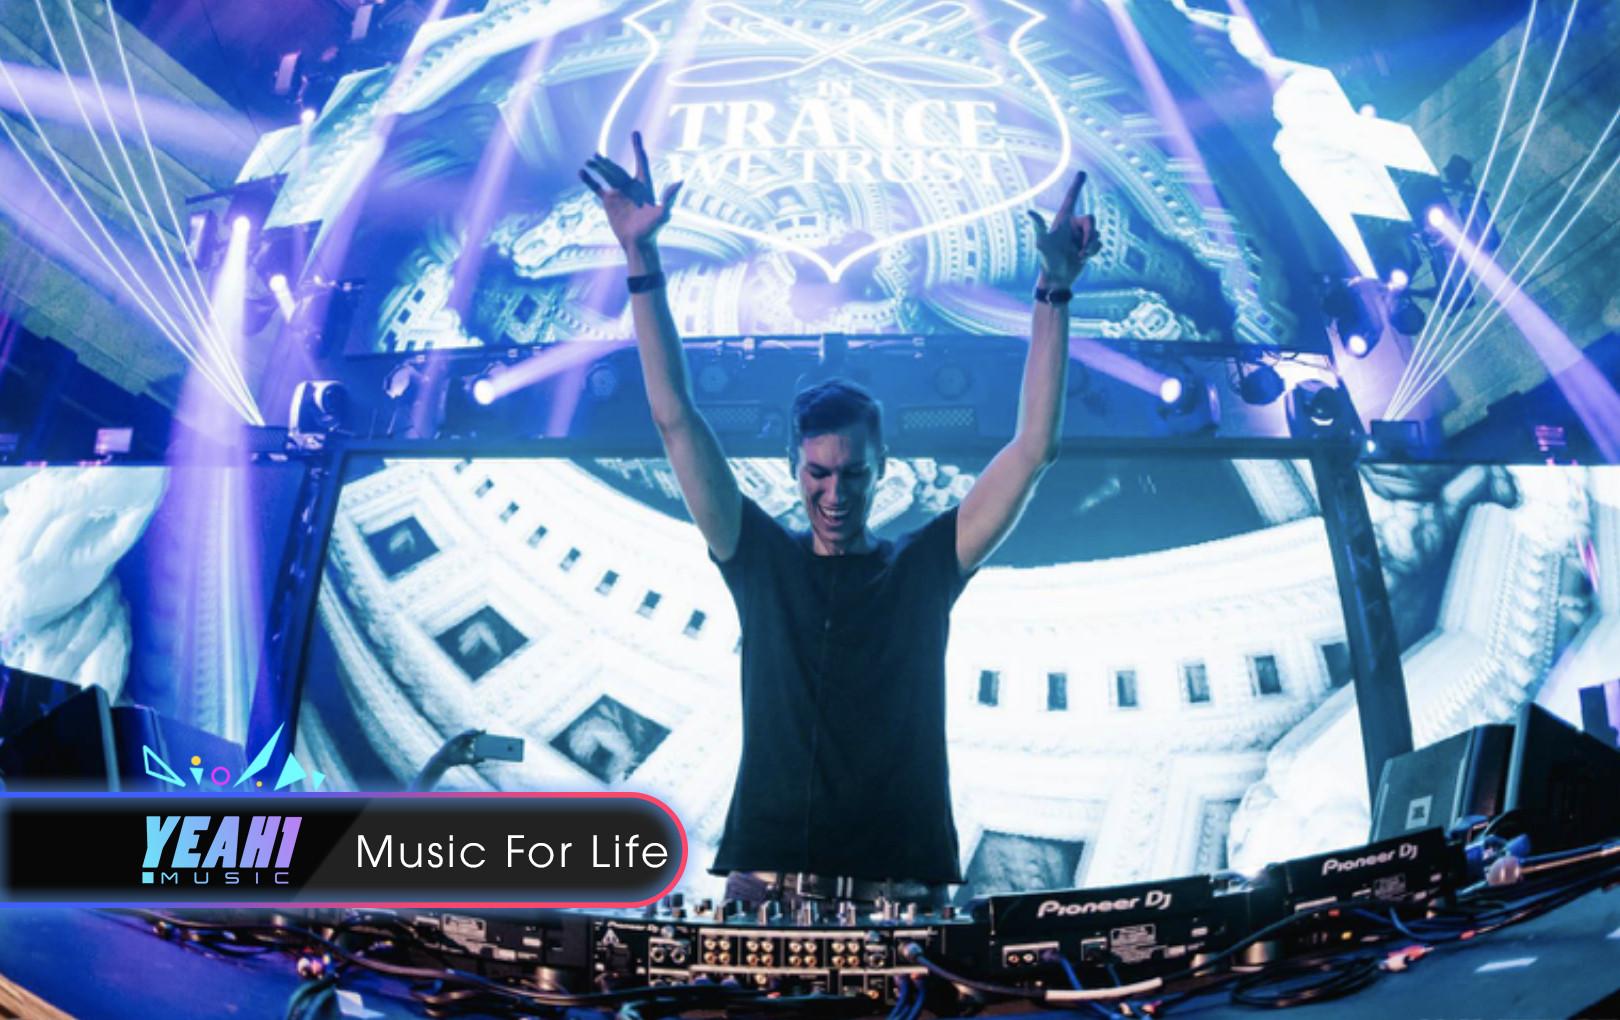 Party Trance lớn nhất Hà Nội, DJ tuyên bố lập kỷ lục với set nhạc dài 3 giờ